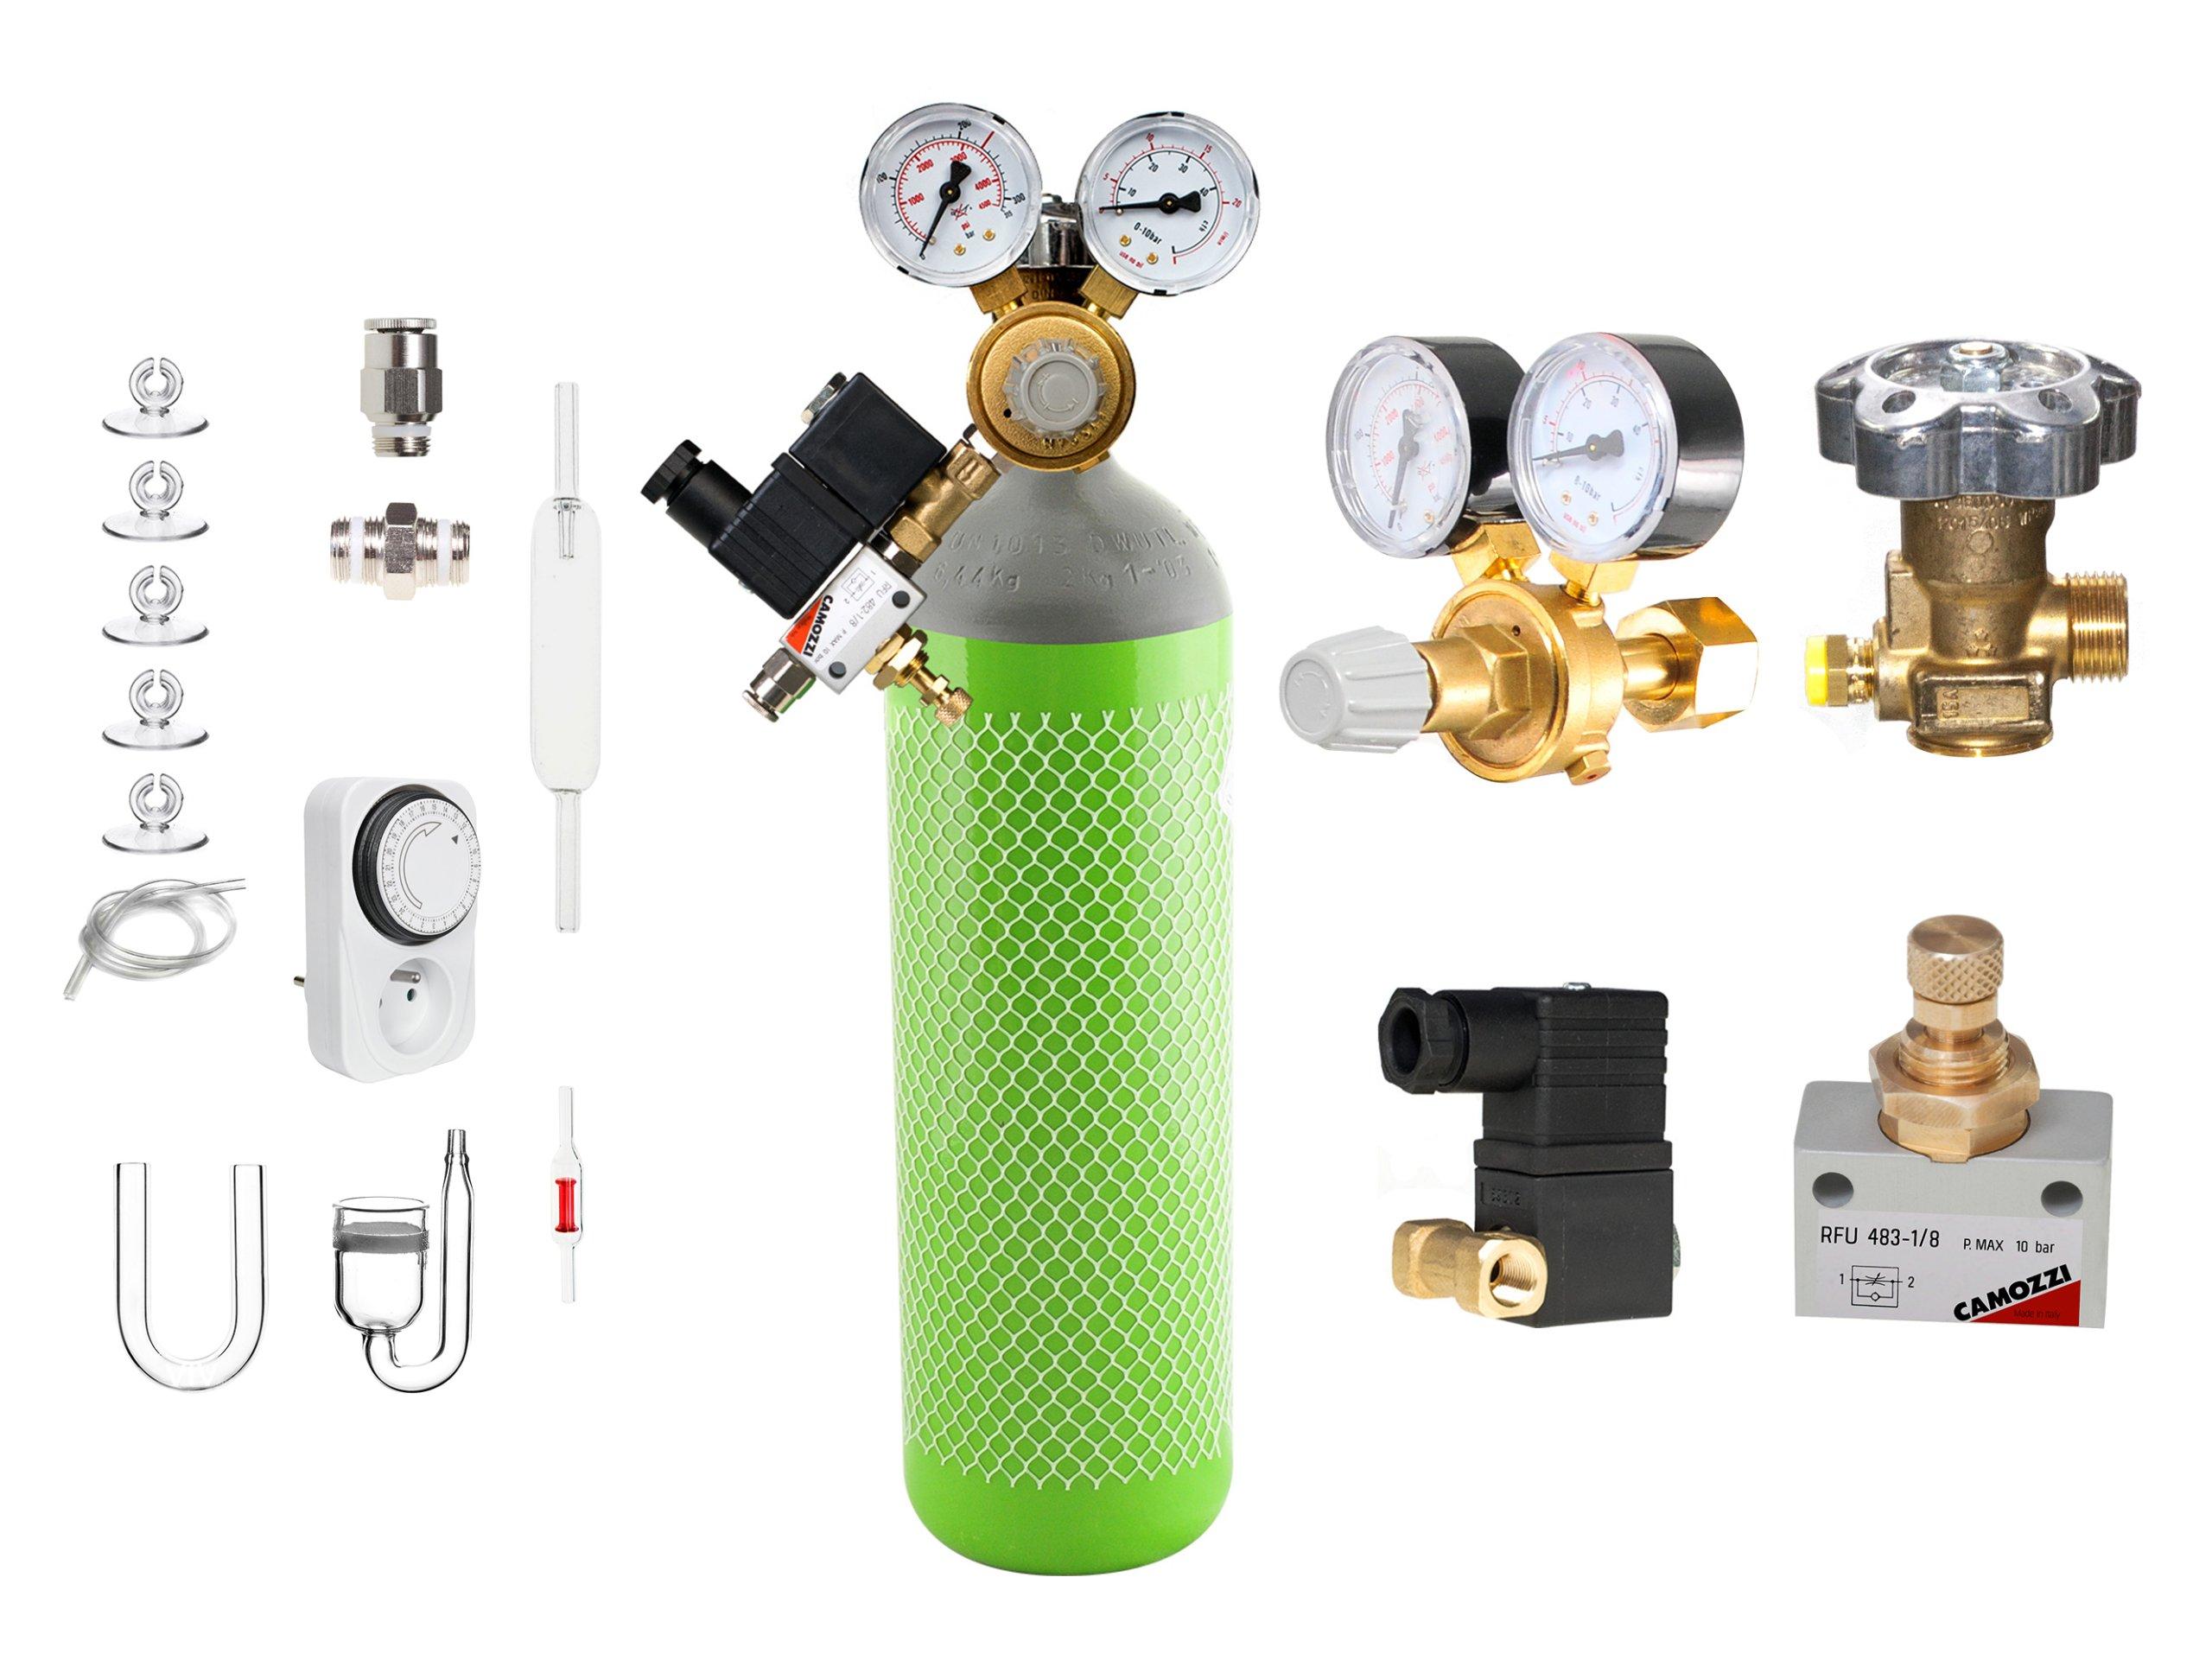 AQUA-PLANTER PASSION zestaw CO2 z butlą 5l CAMOZZ